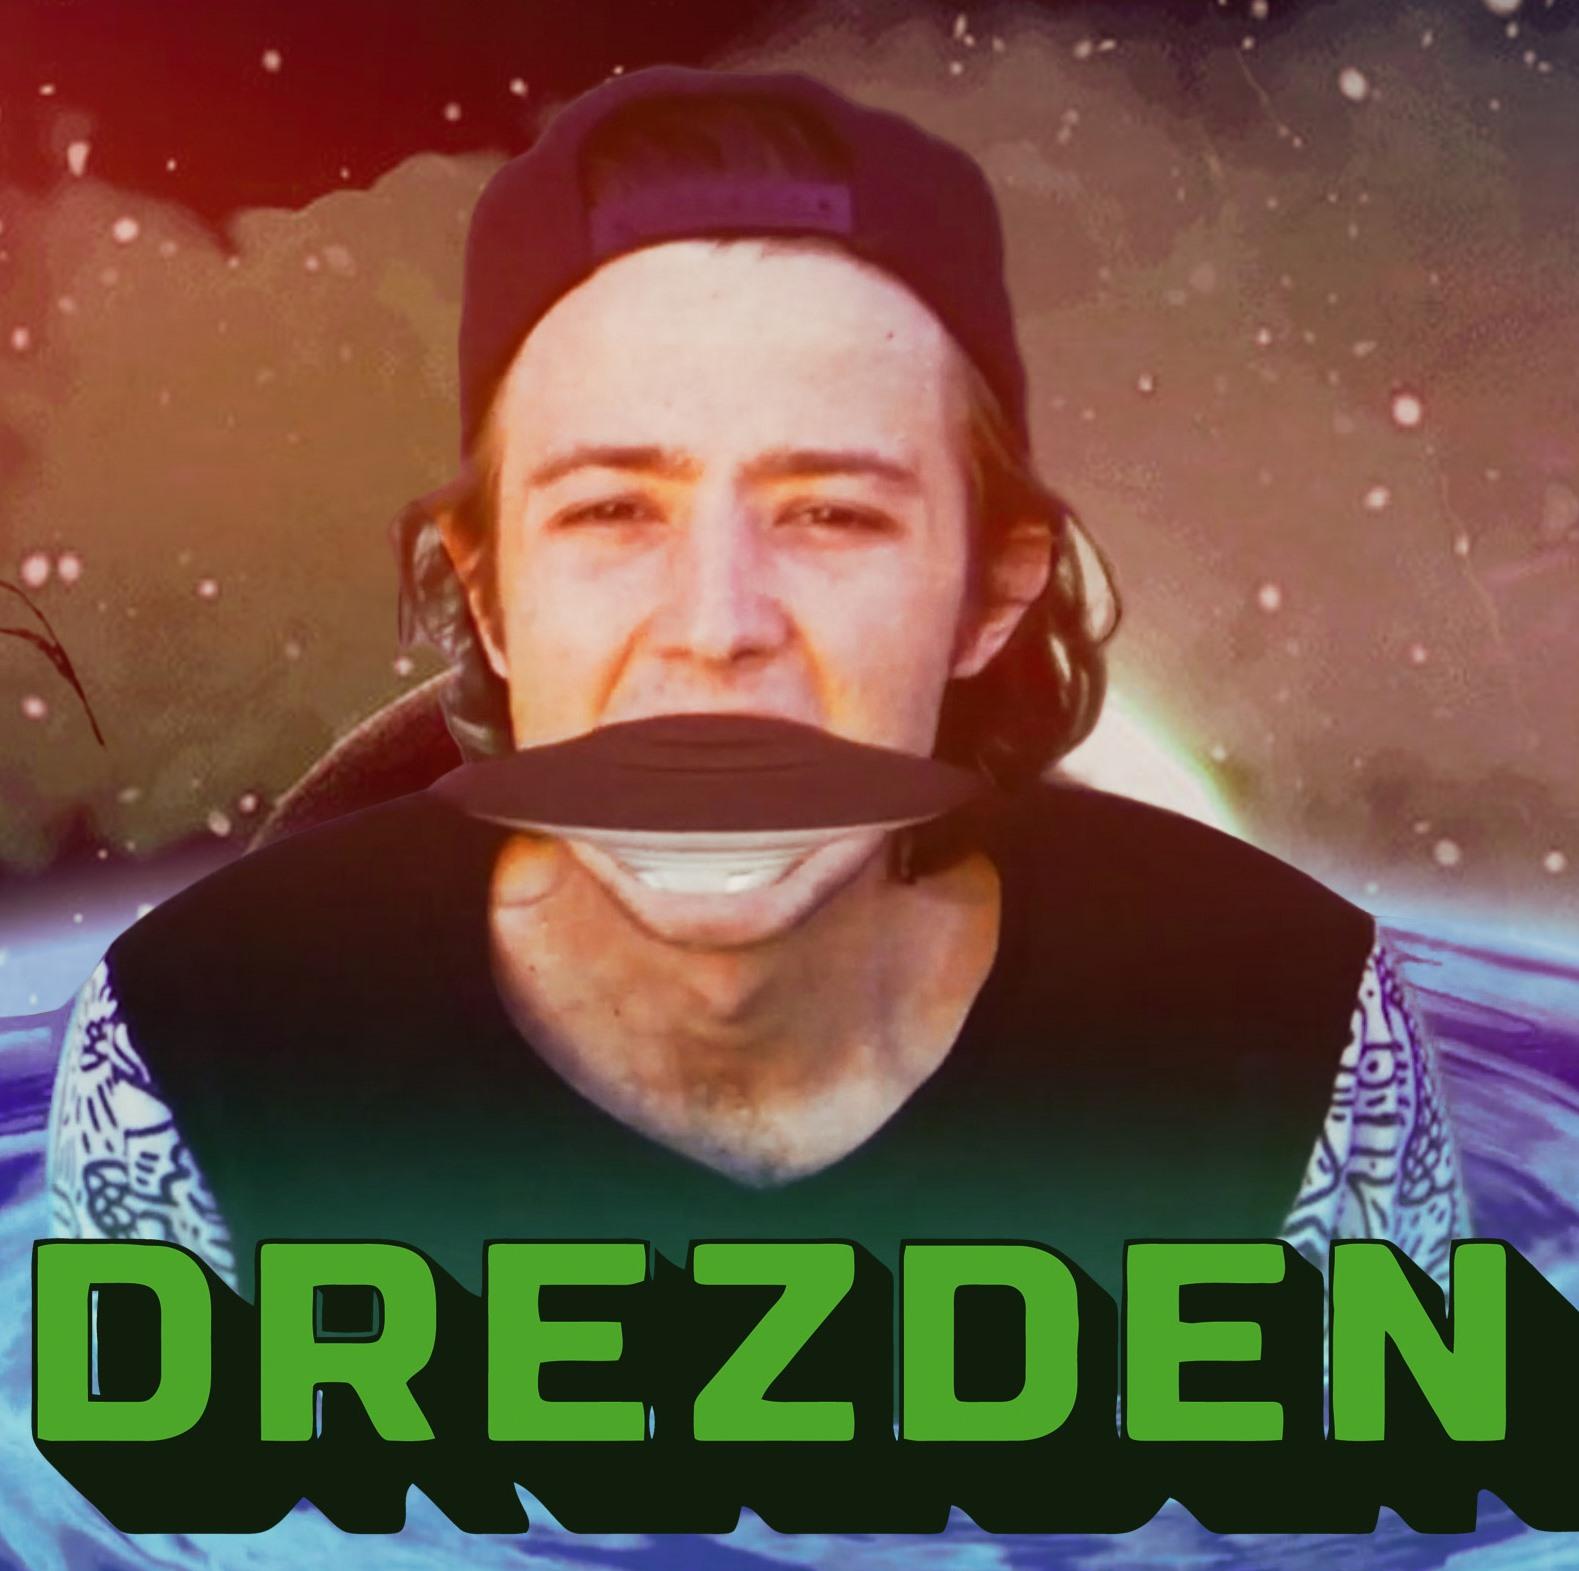 Drezden представил футуристический клип